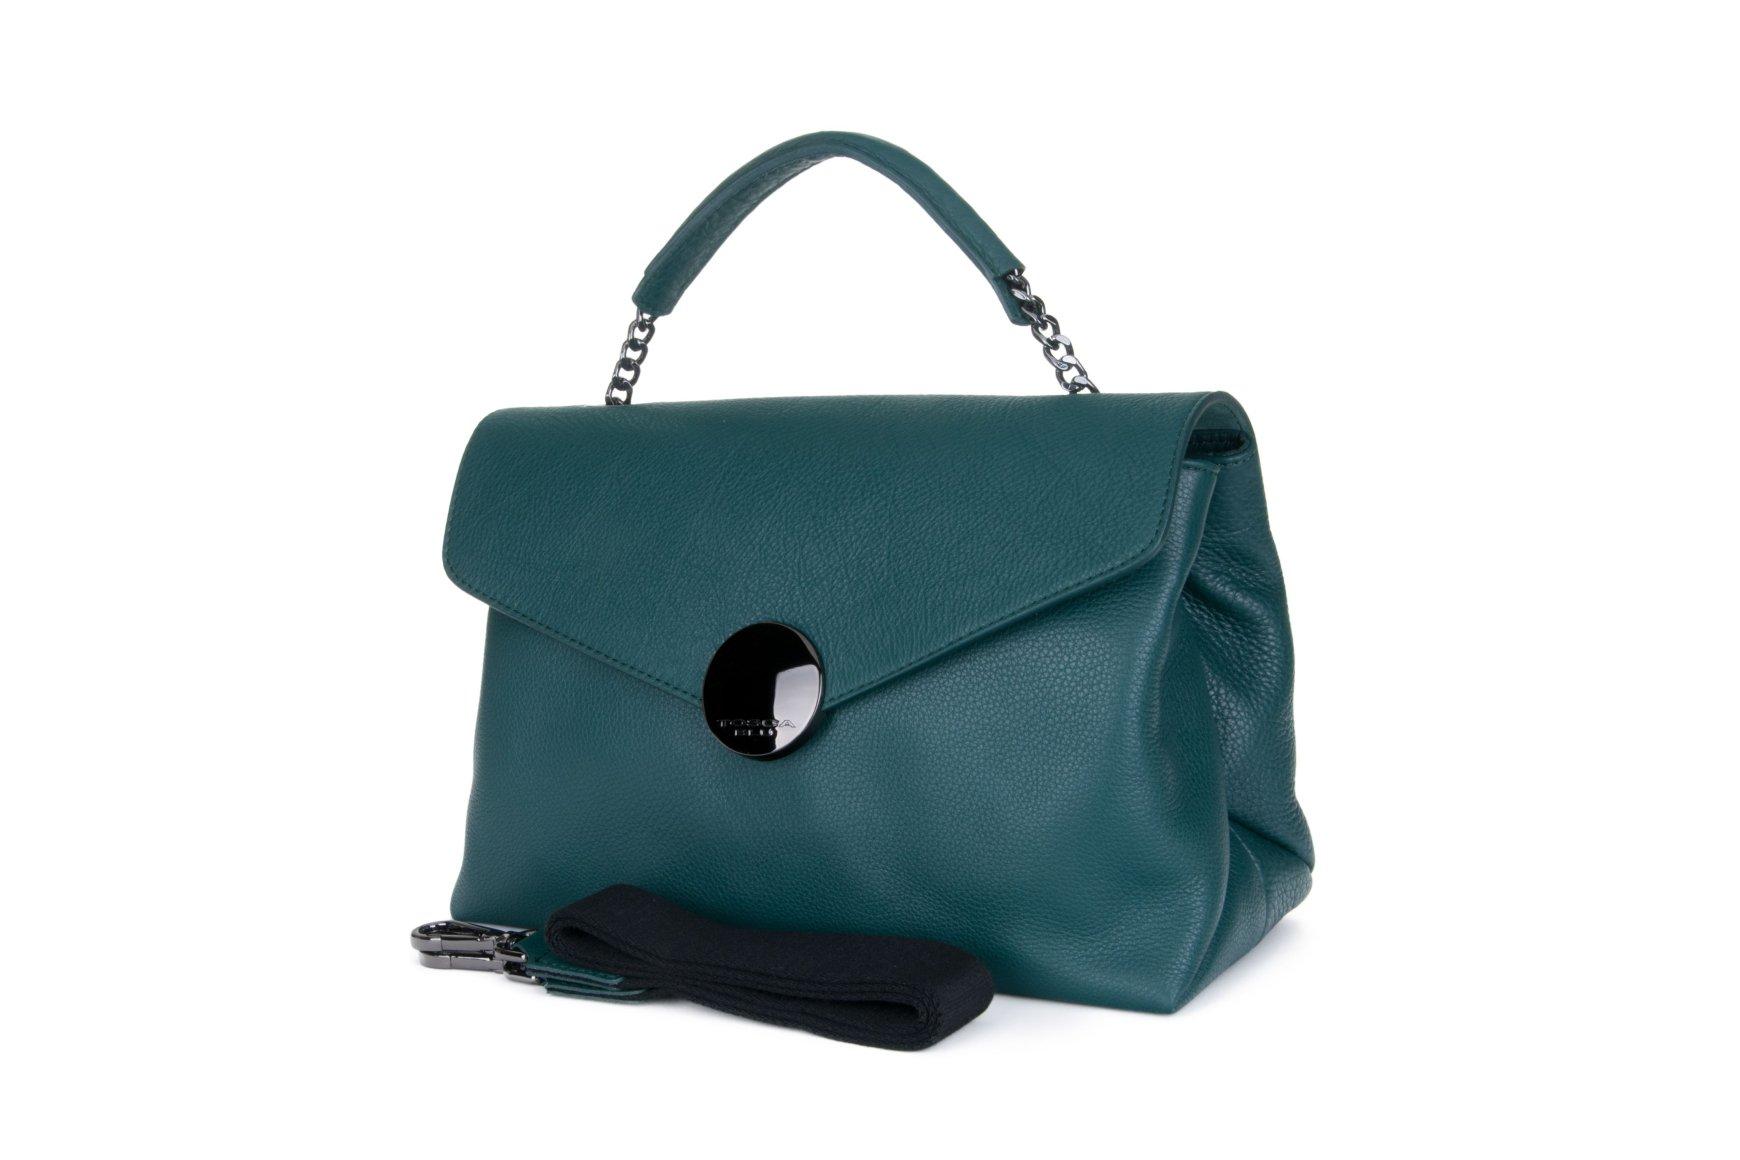 5bc5fe2acf70 Купить сумку из натуральной кожи TOSCA BLU Украина - Estro